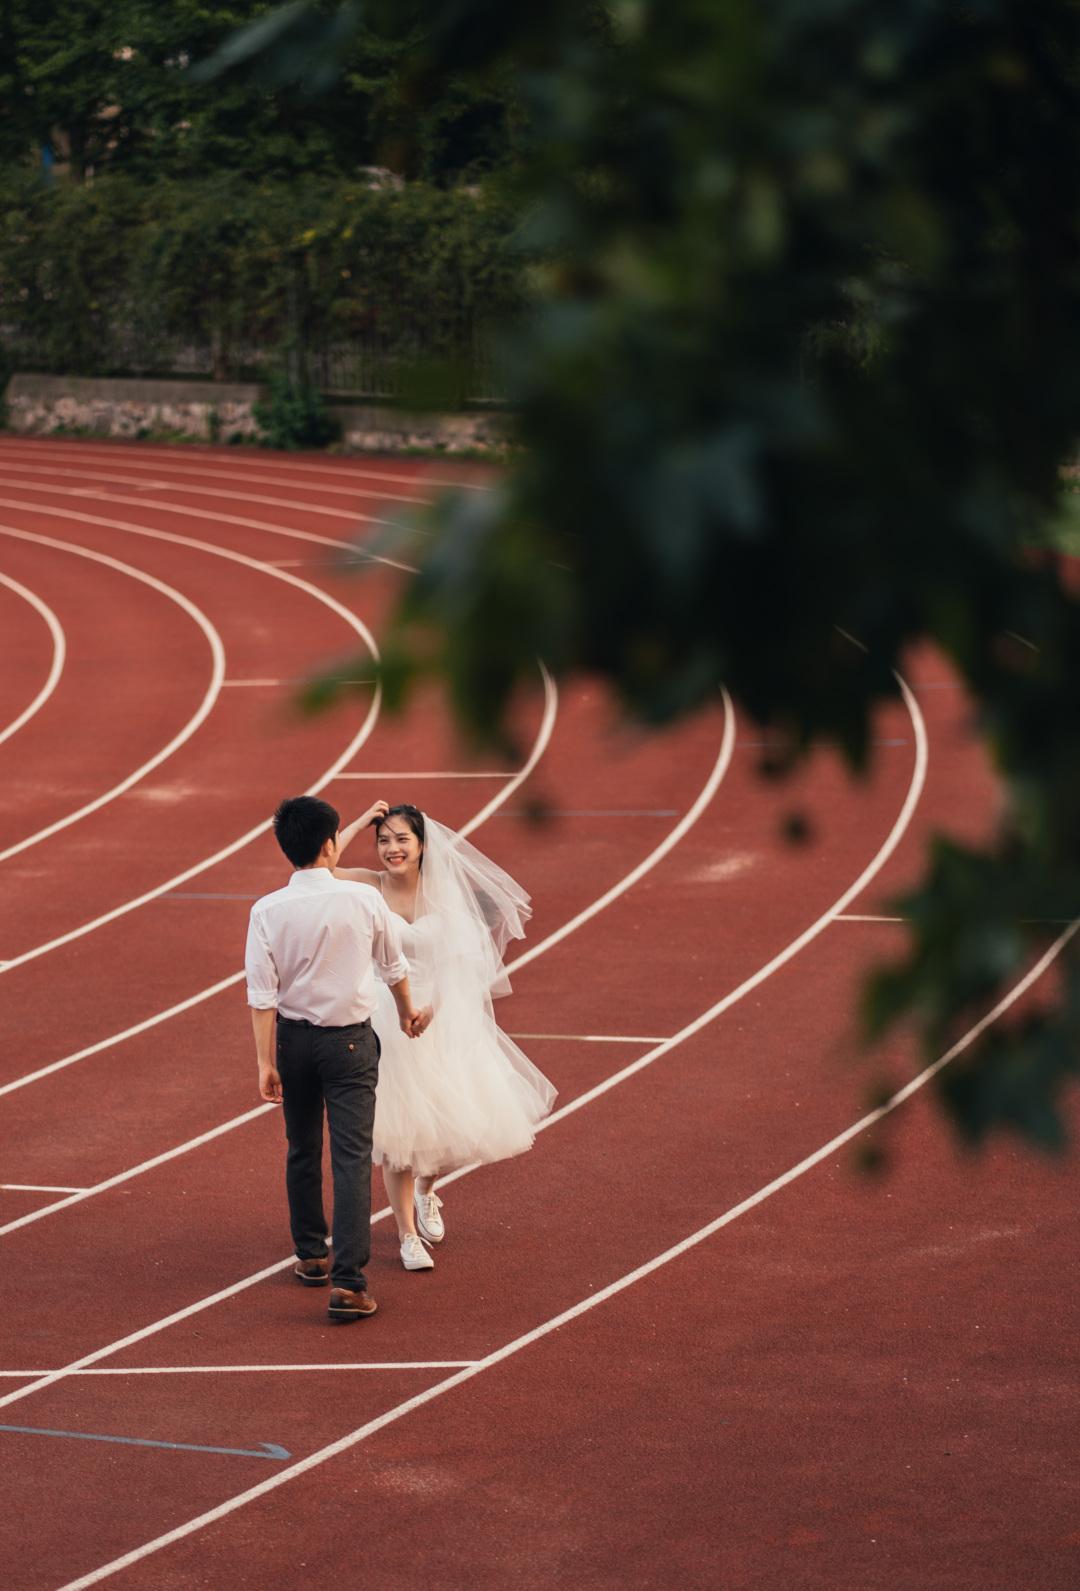 来南京却不知道去哪儿拍照?南京适合拍照的场地推荐